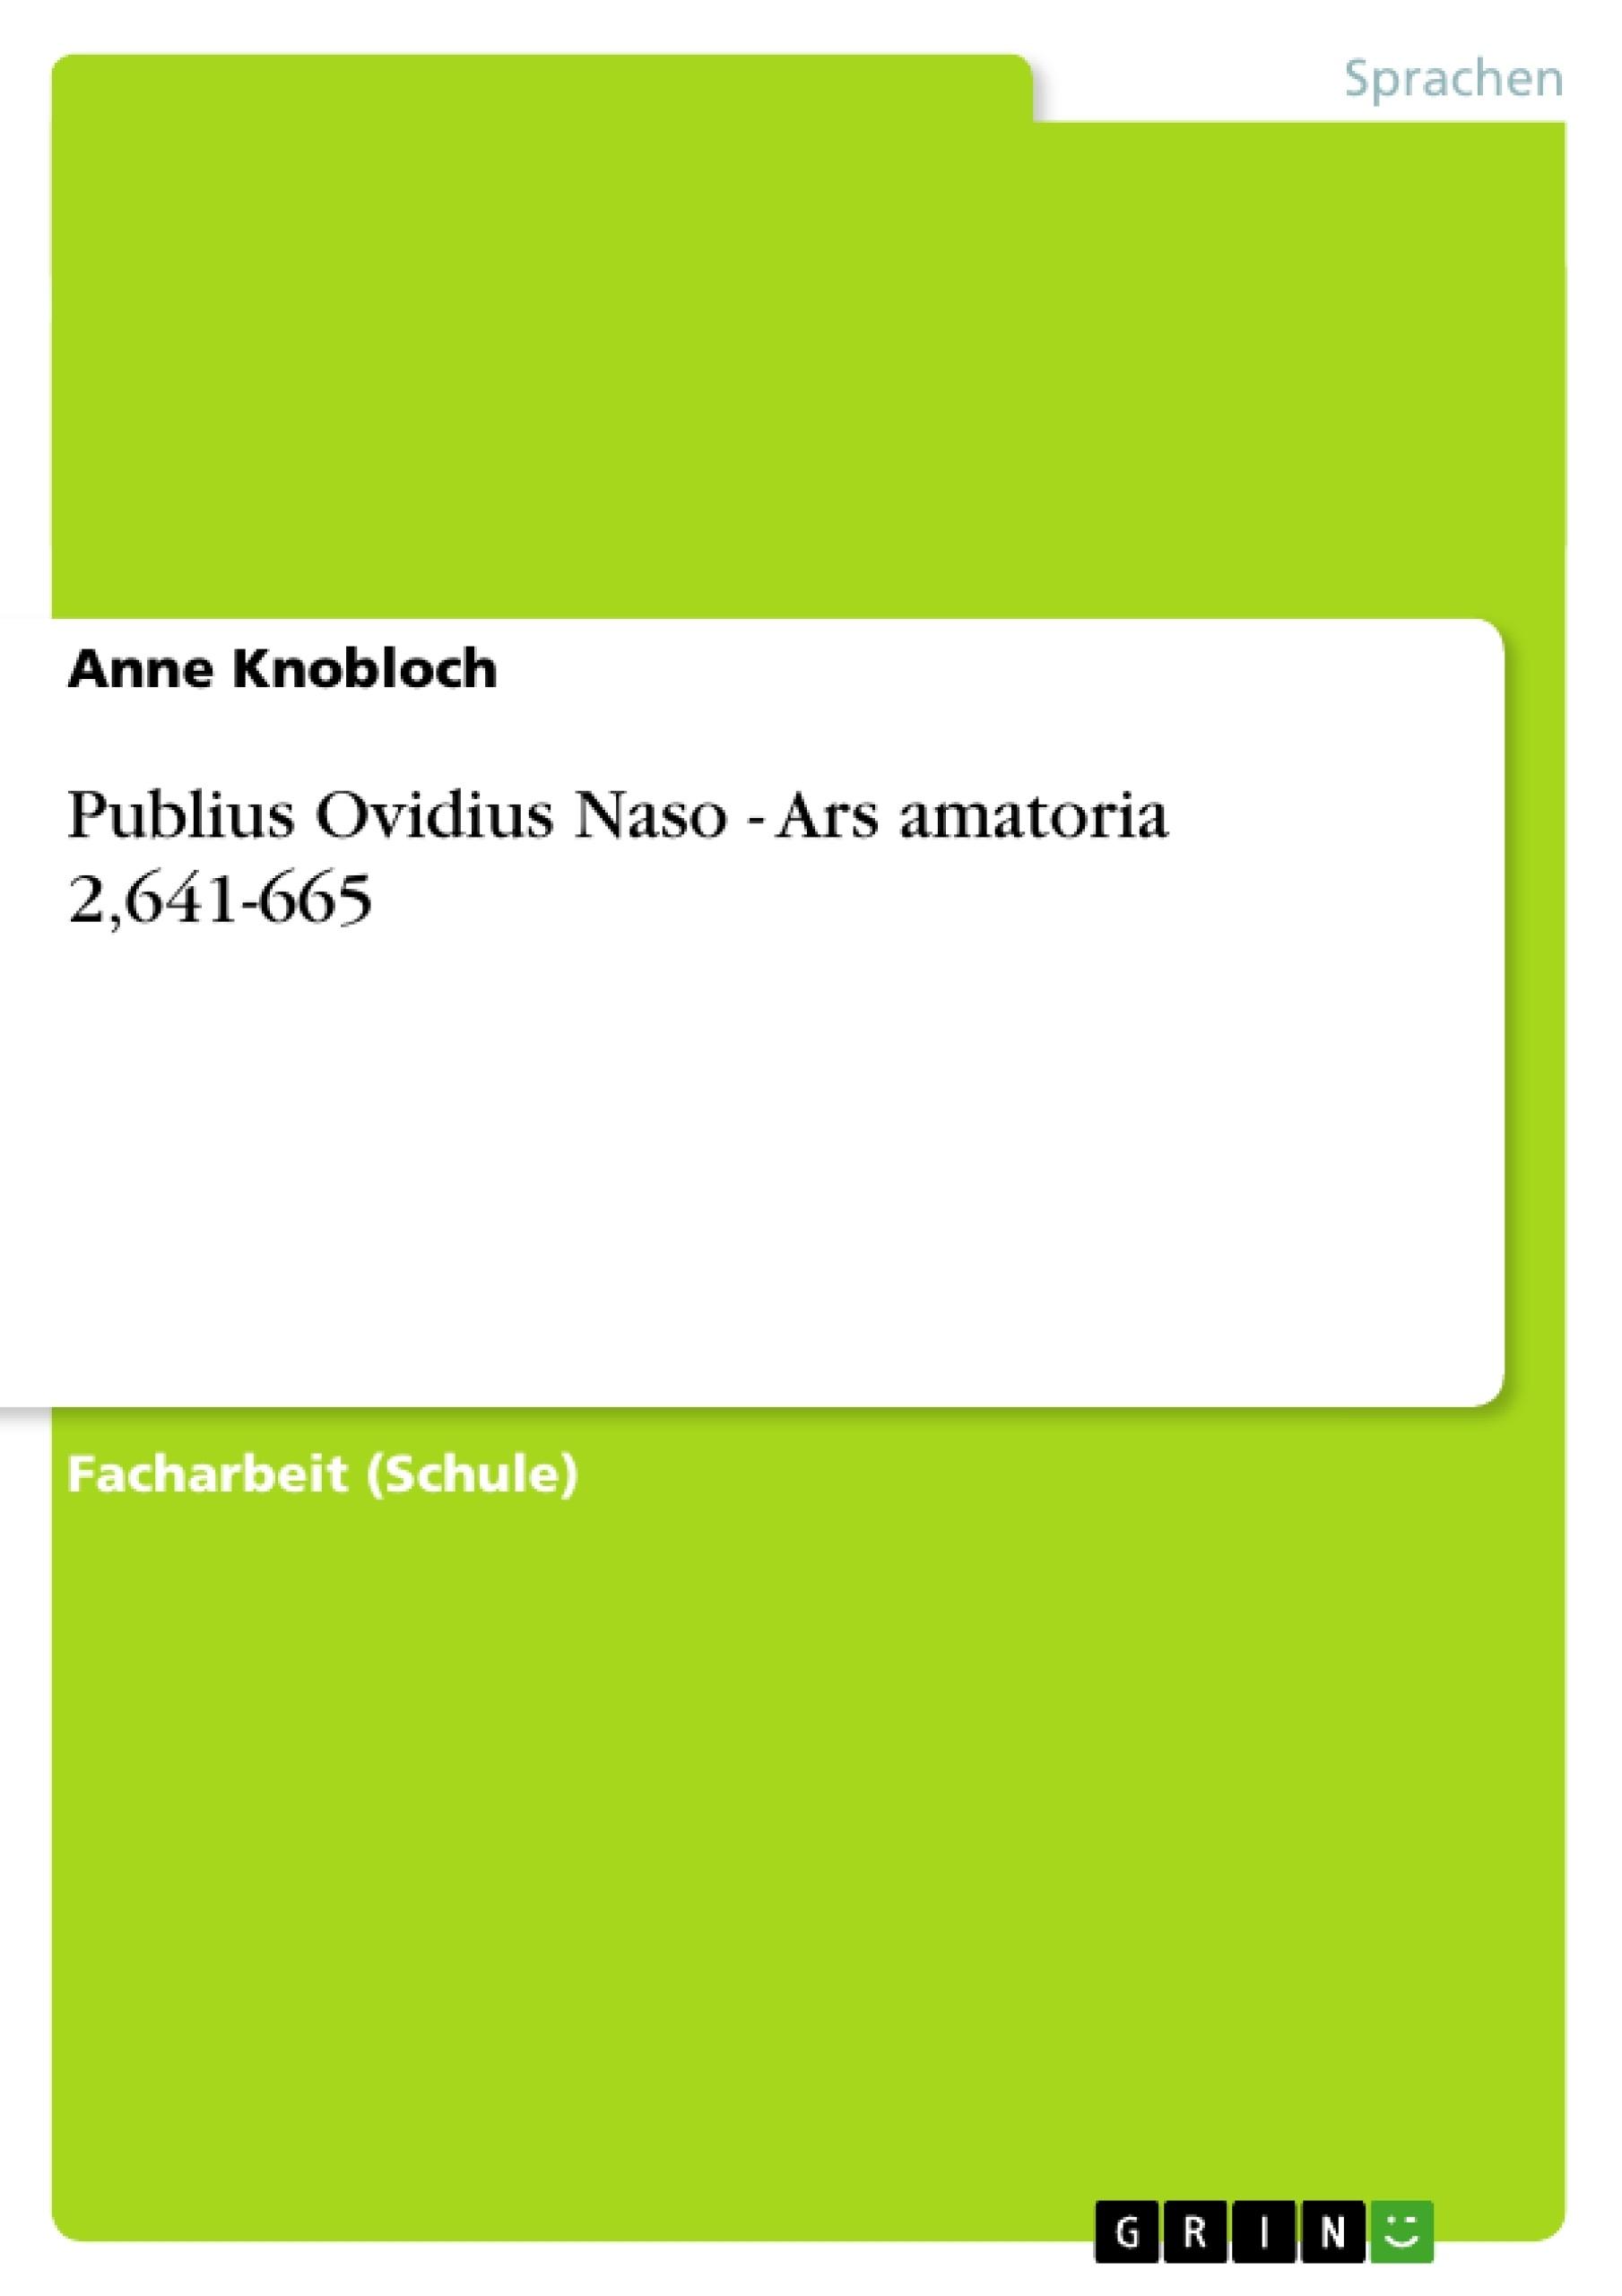 Titel: Publius Ovidius Naso - Ars amatoria 2,641-665